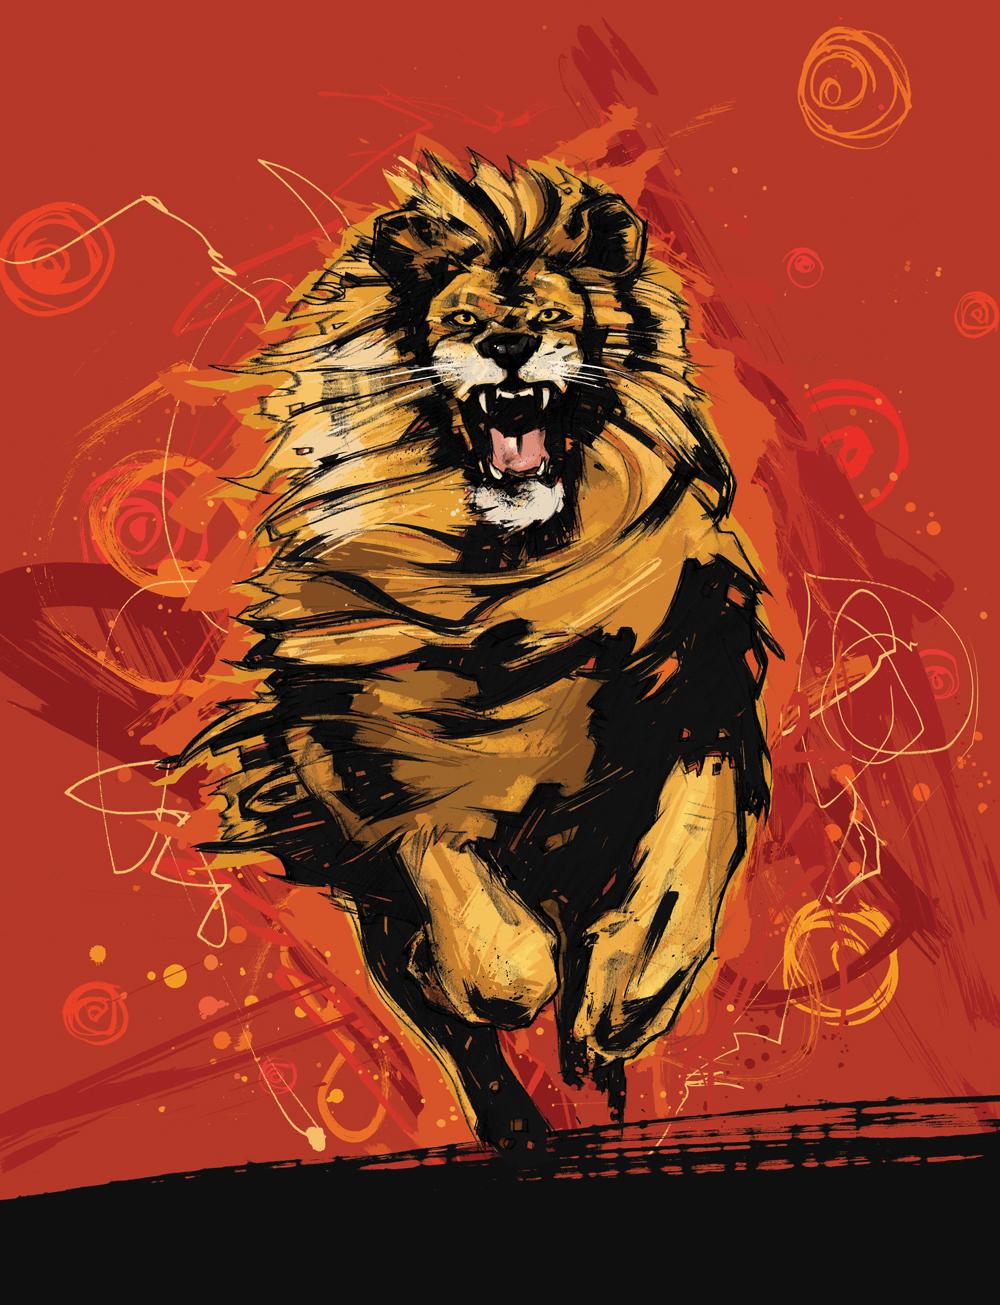 aslan.work.jpg